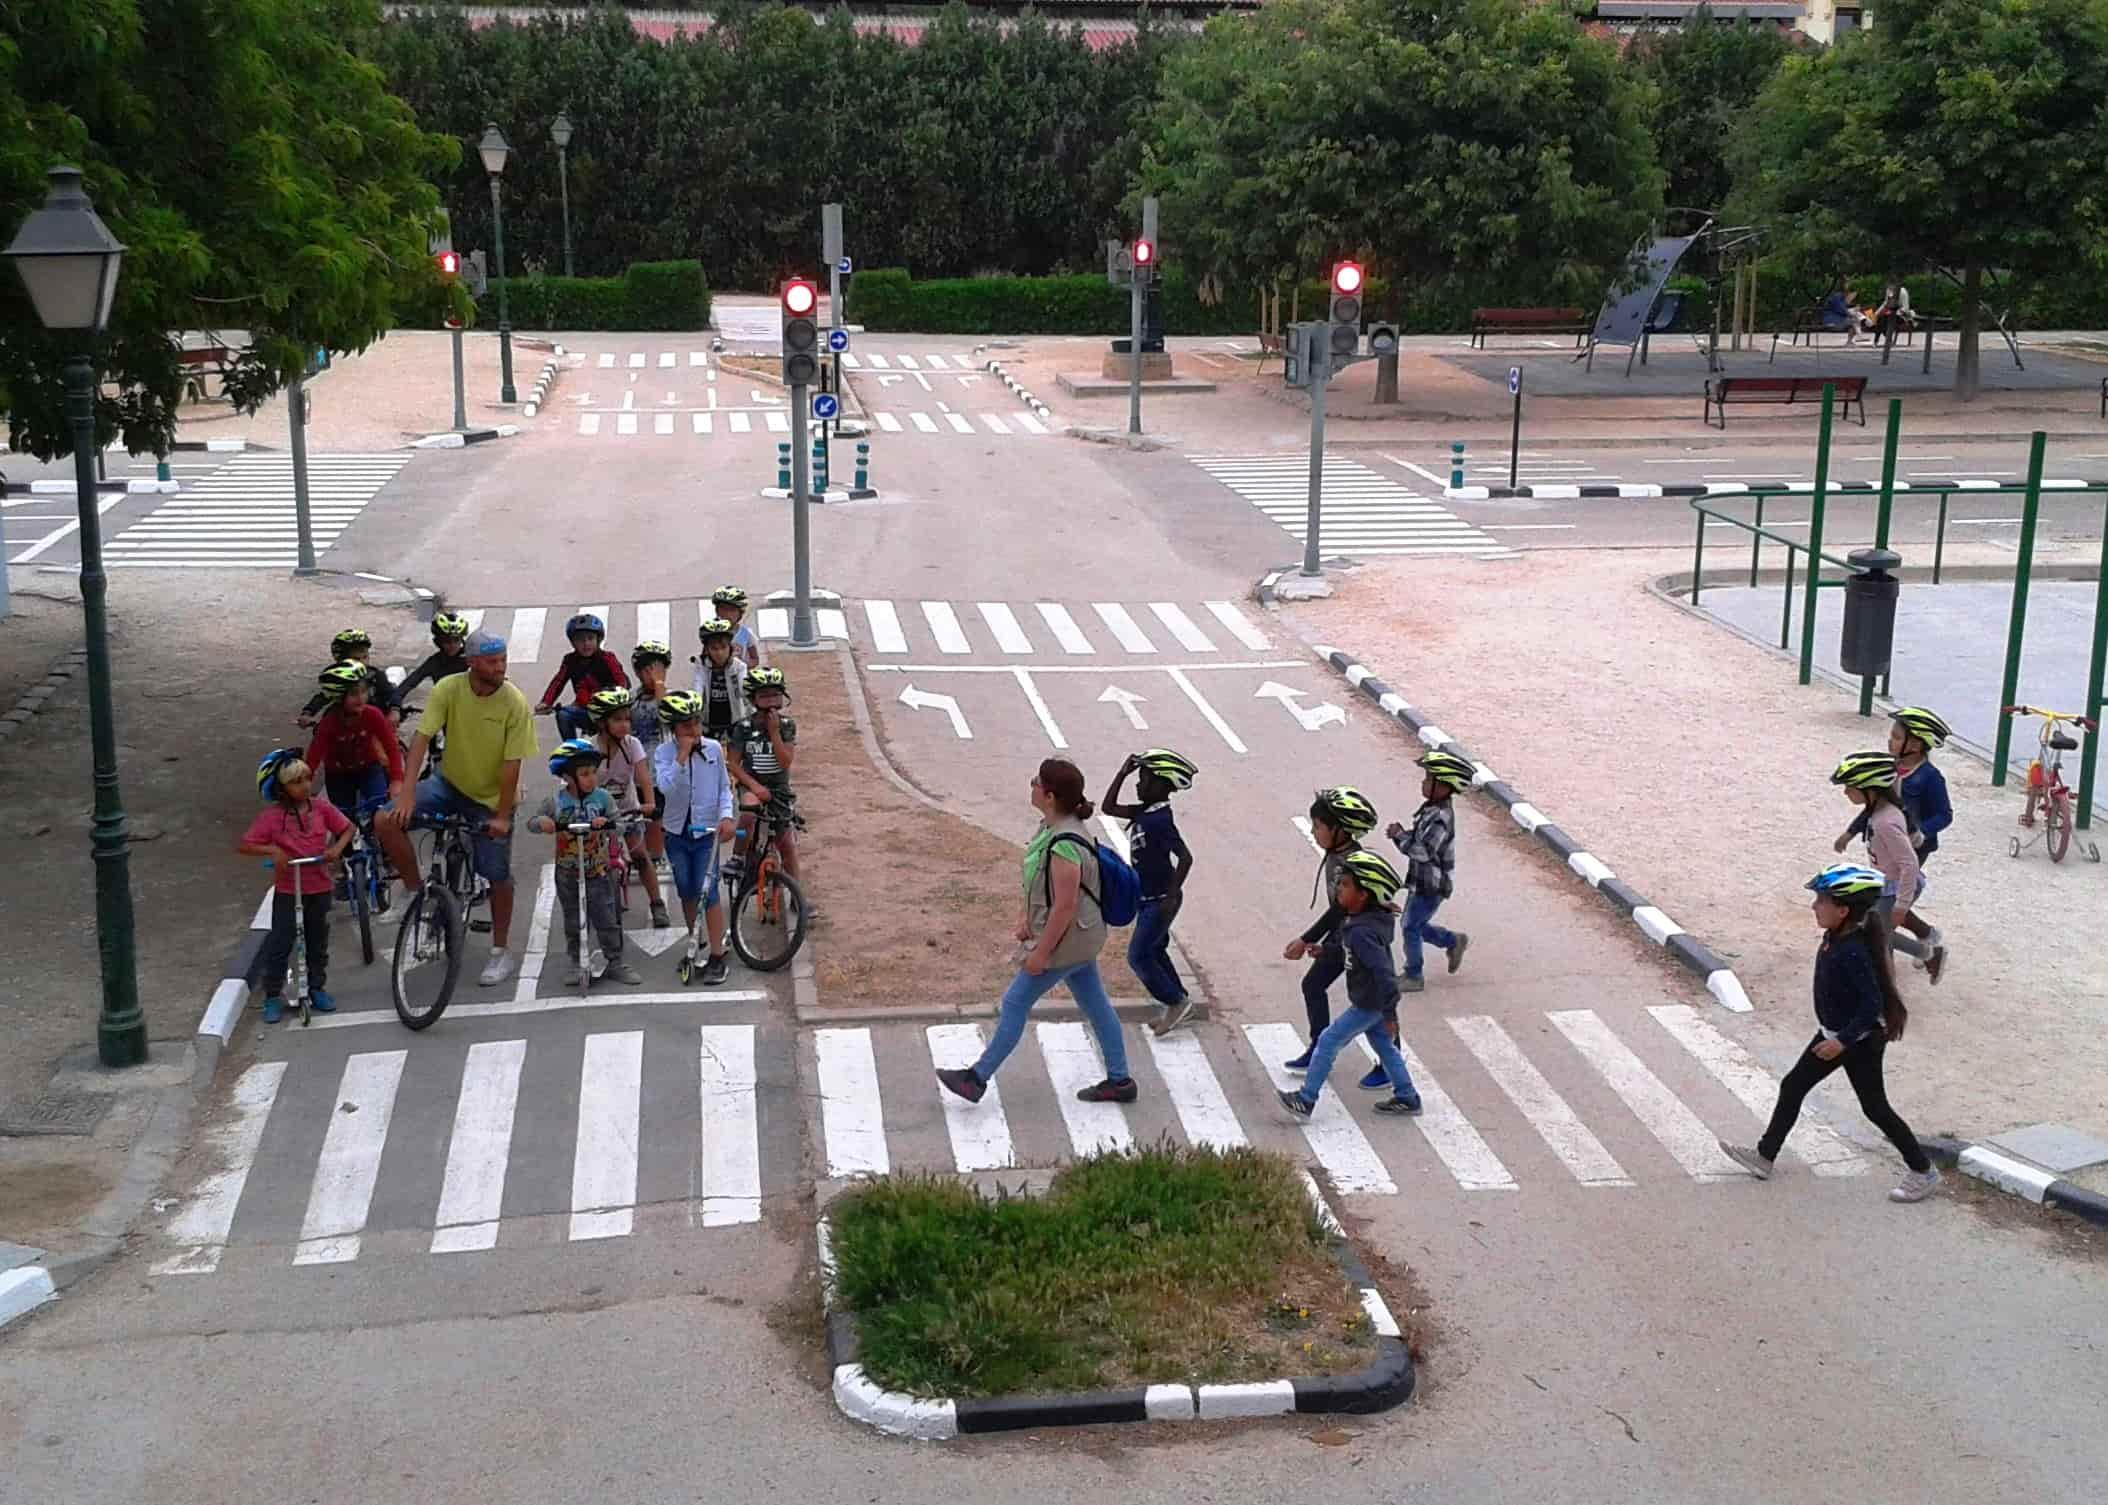 Visita al Parc Infantil de Trànsit. El Trànsit i l'Educació Vial